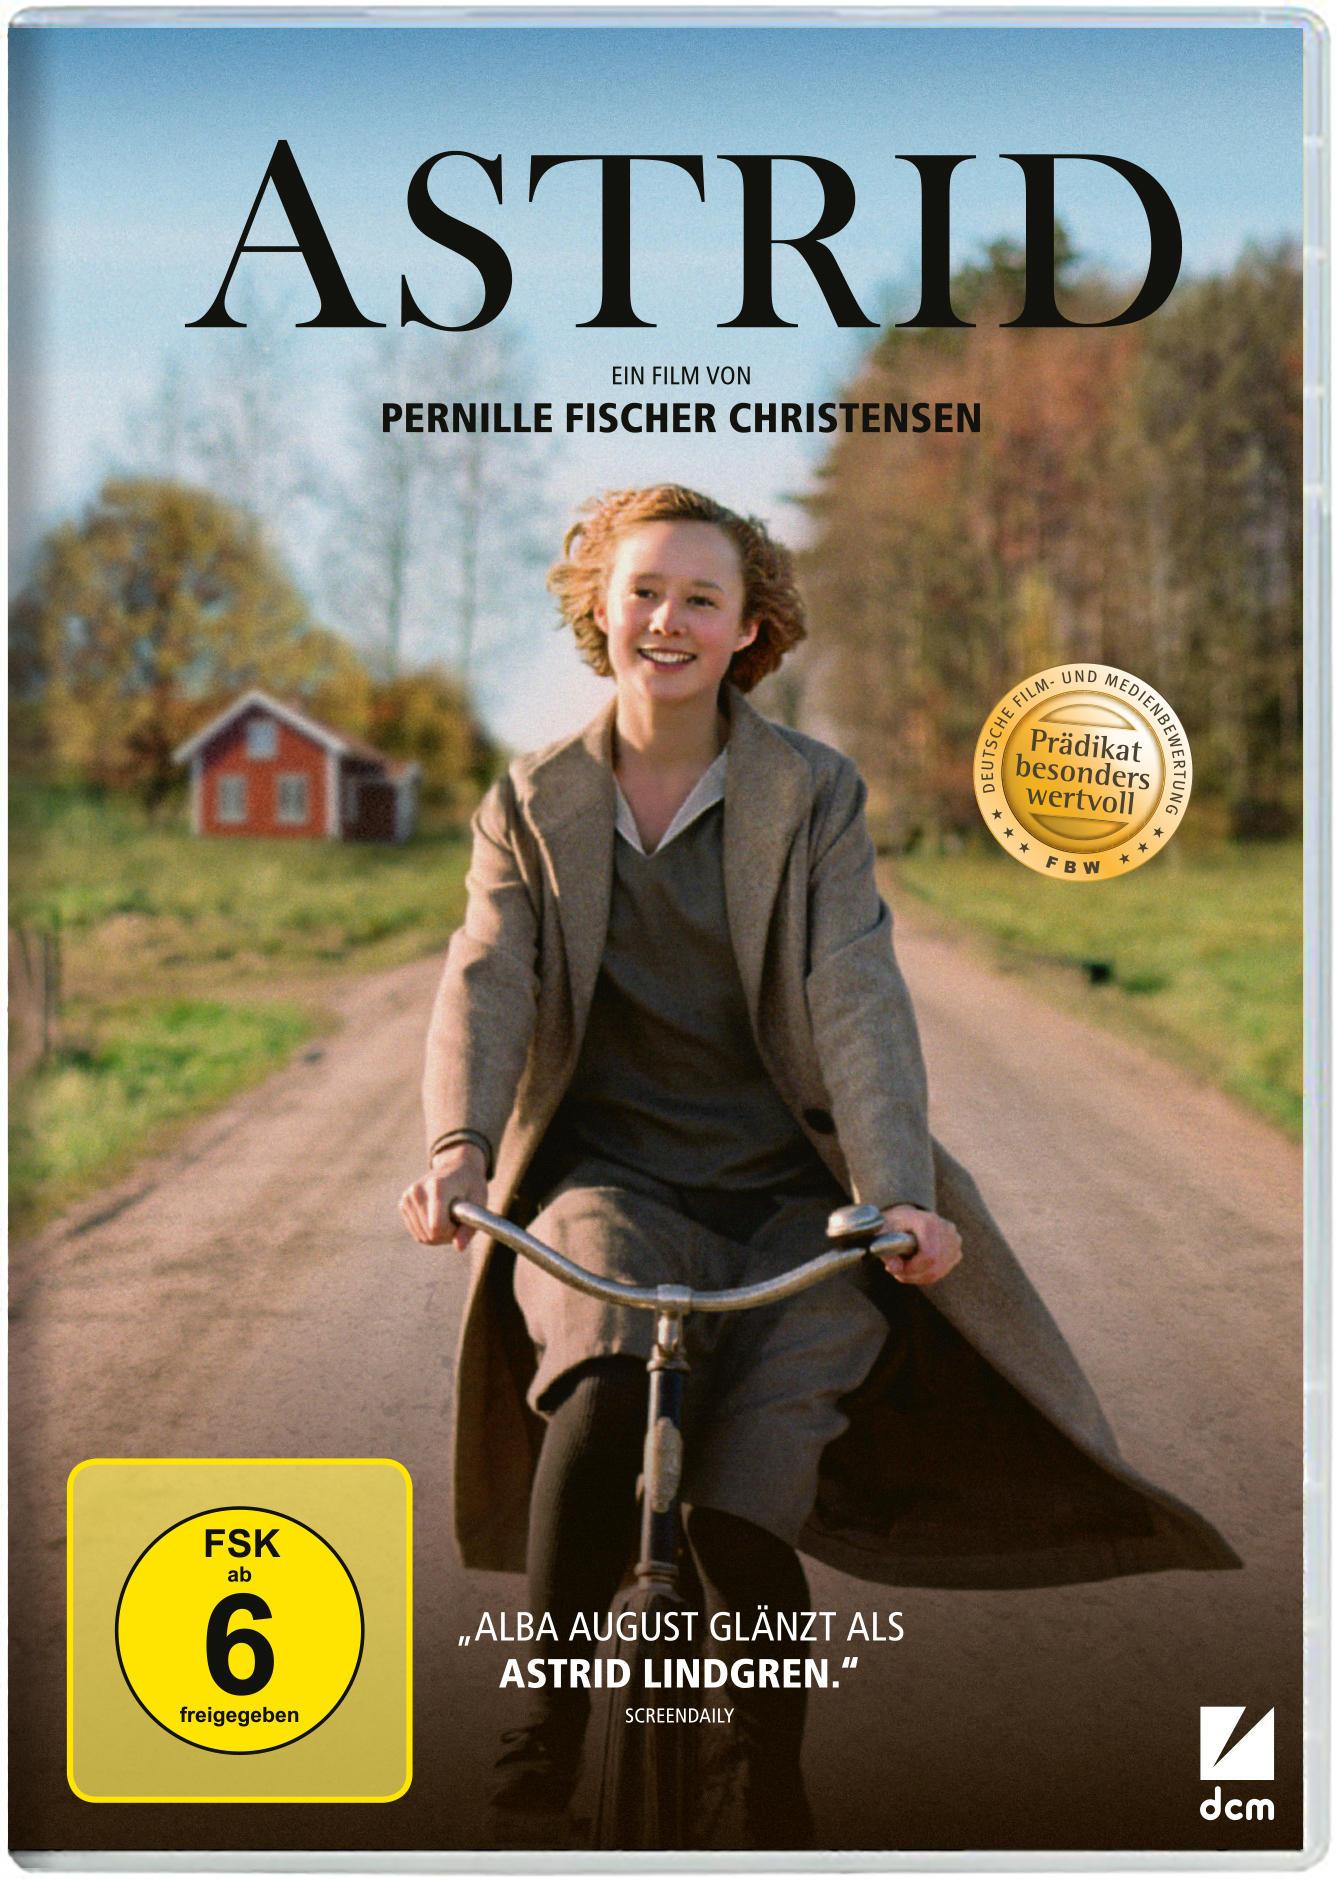 Astrid - ab dem 24. Mai 2019 auf DVD, Blu-ray & digital zu kaufen.